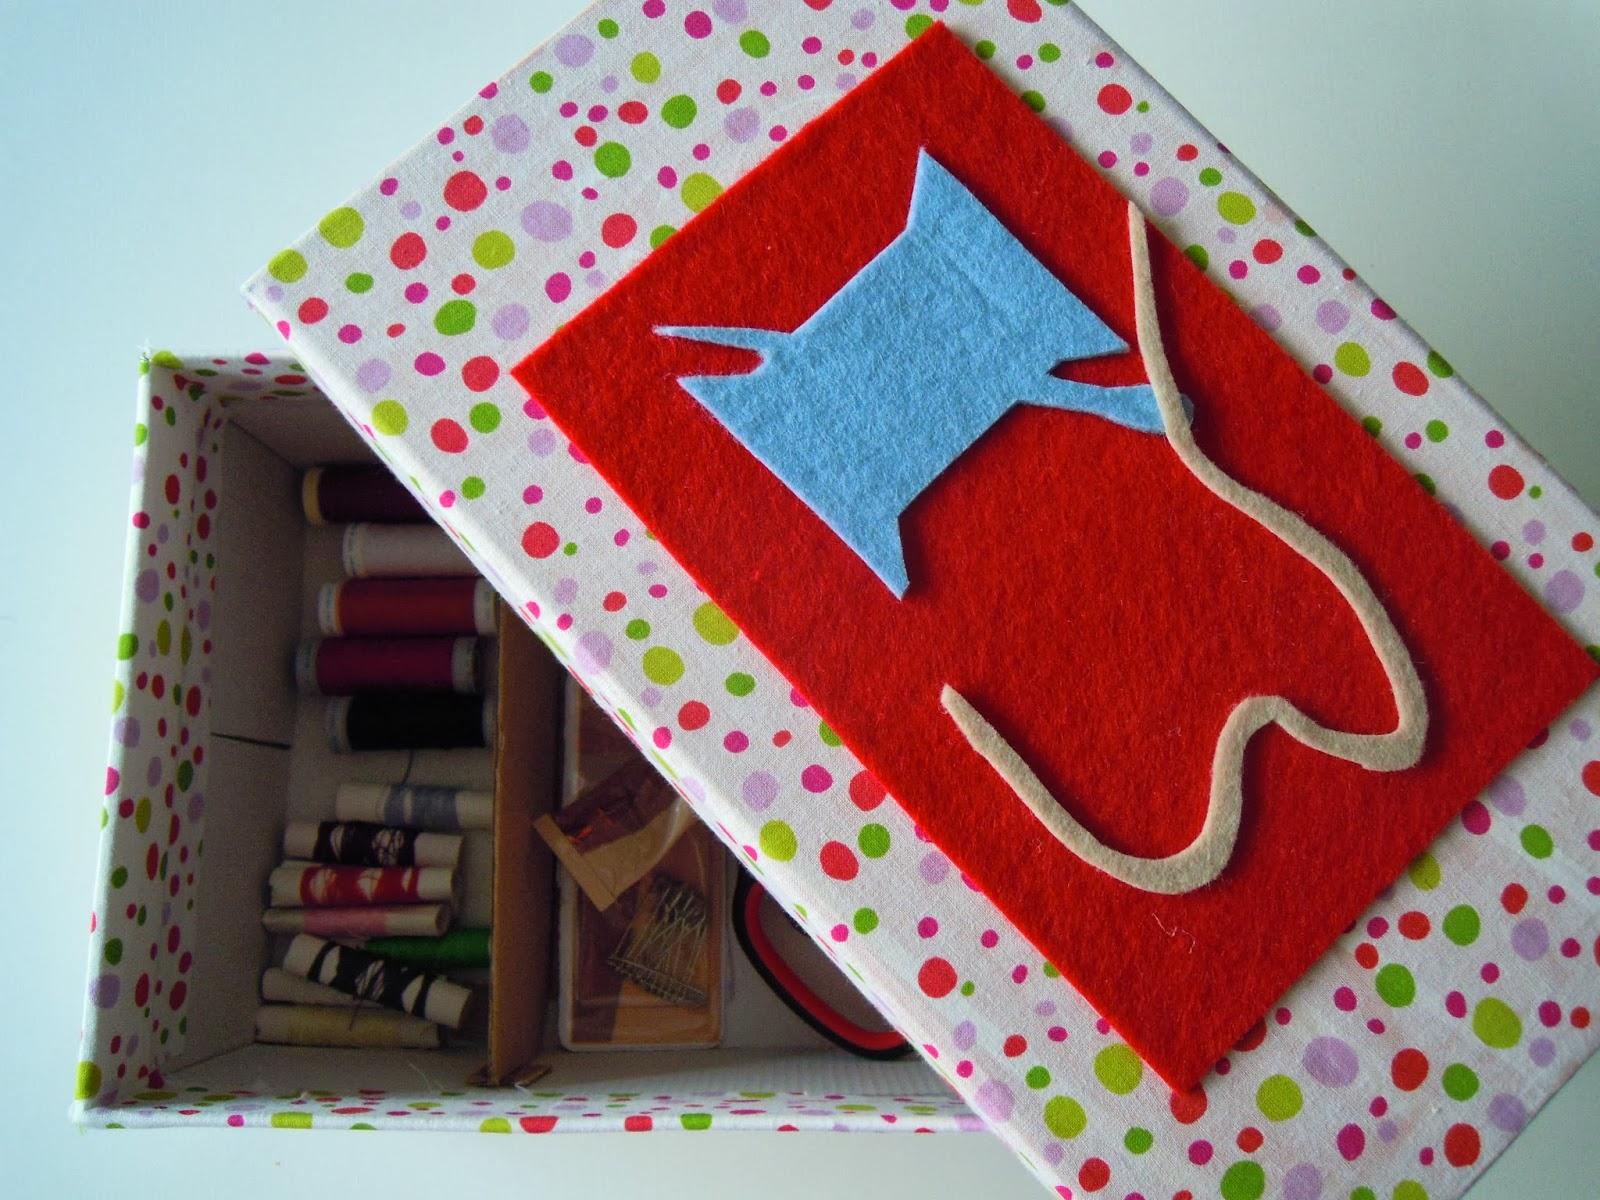 La planque libellules d i y la bo te couture for La boite a couture 03500